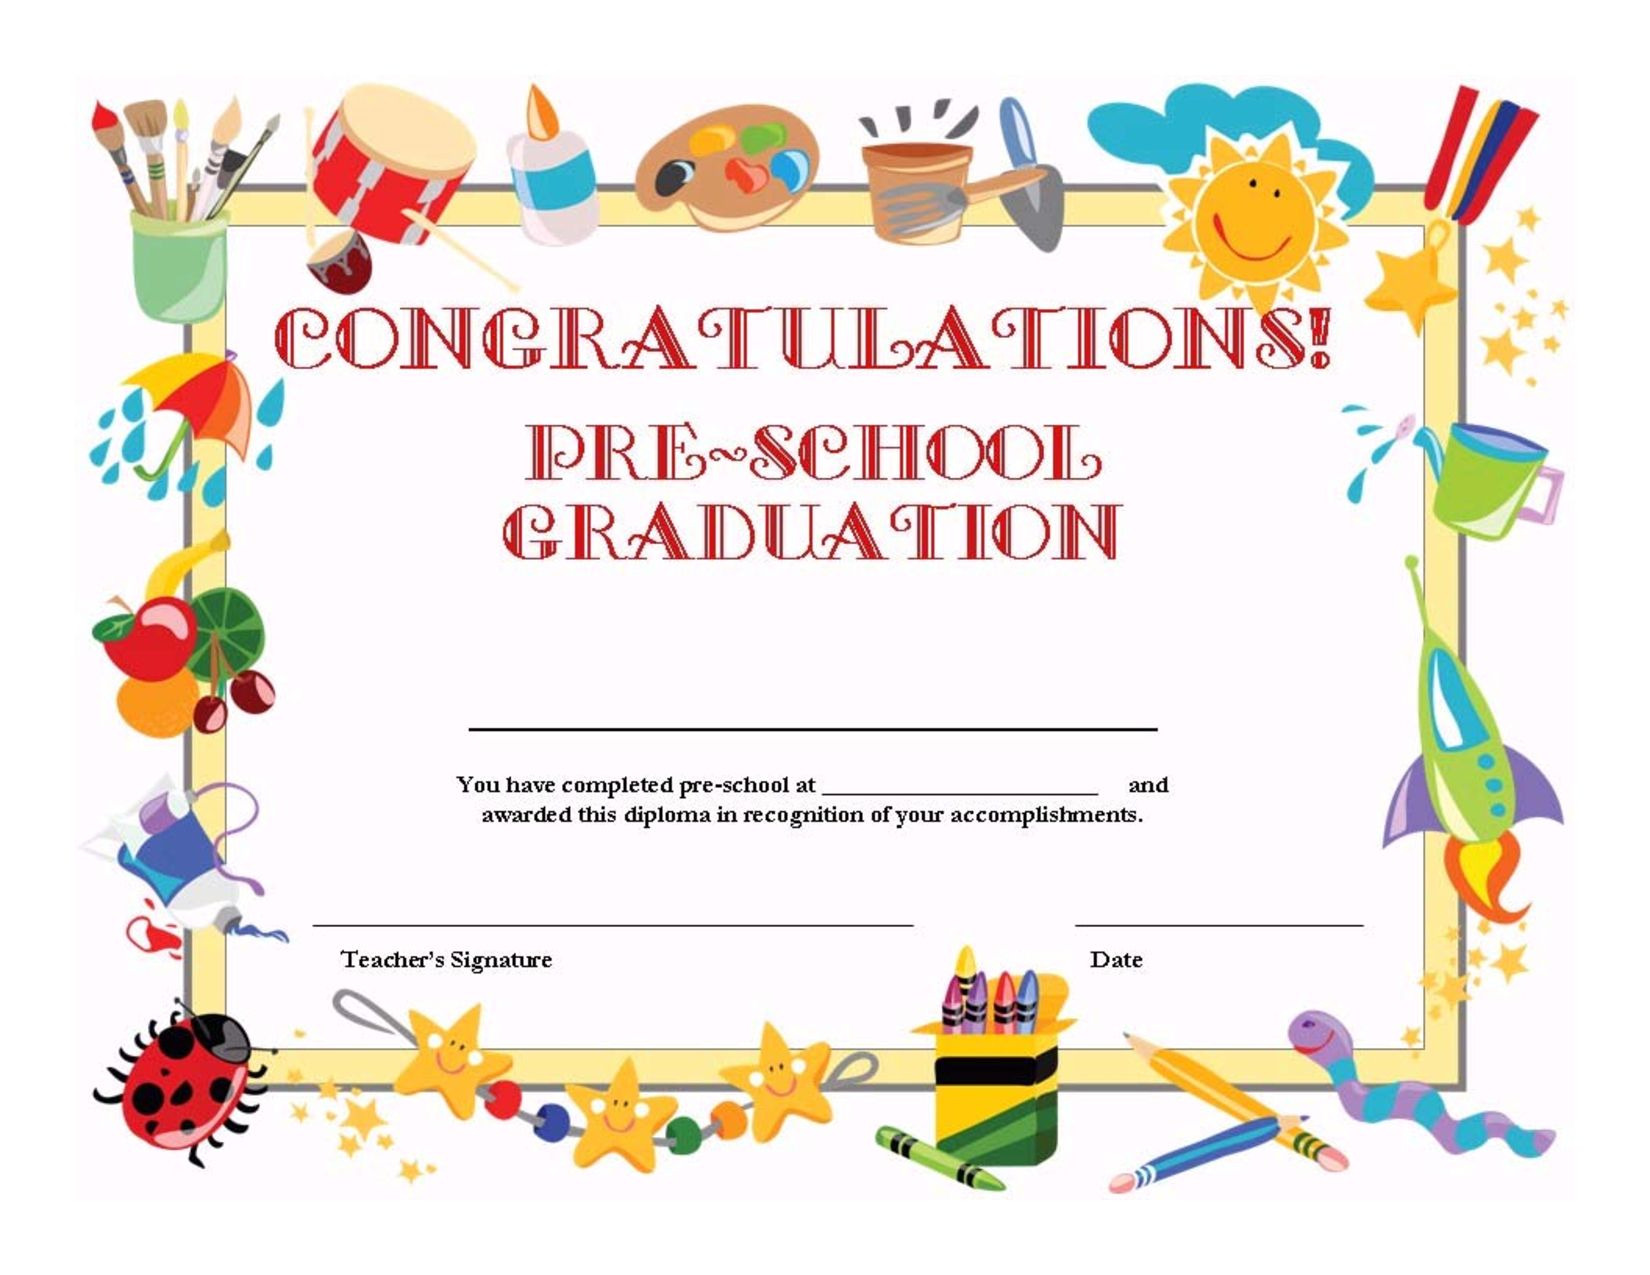 Preschool Graduation Certificate Template Free | ⇢Kindergarten - Free Printable Children's Certificates Templates